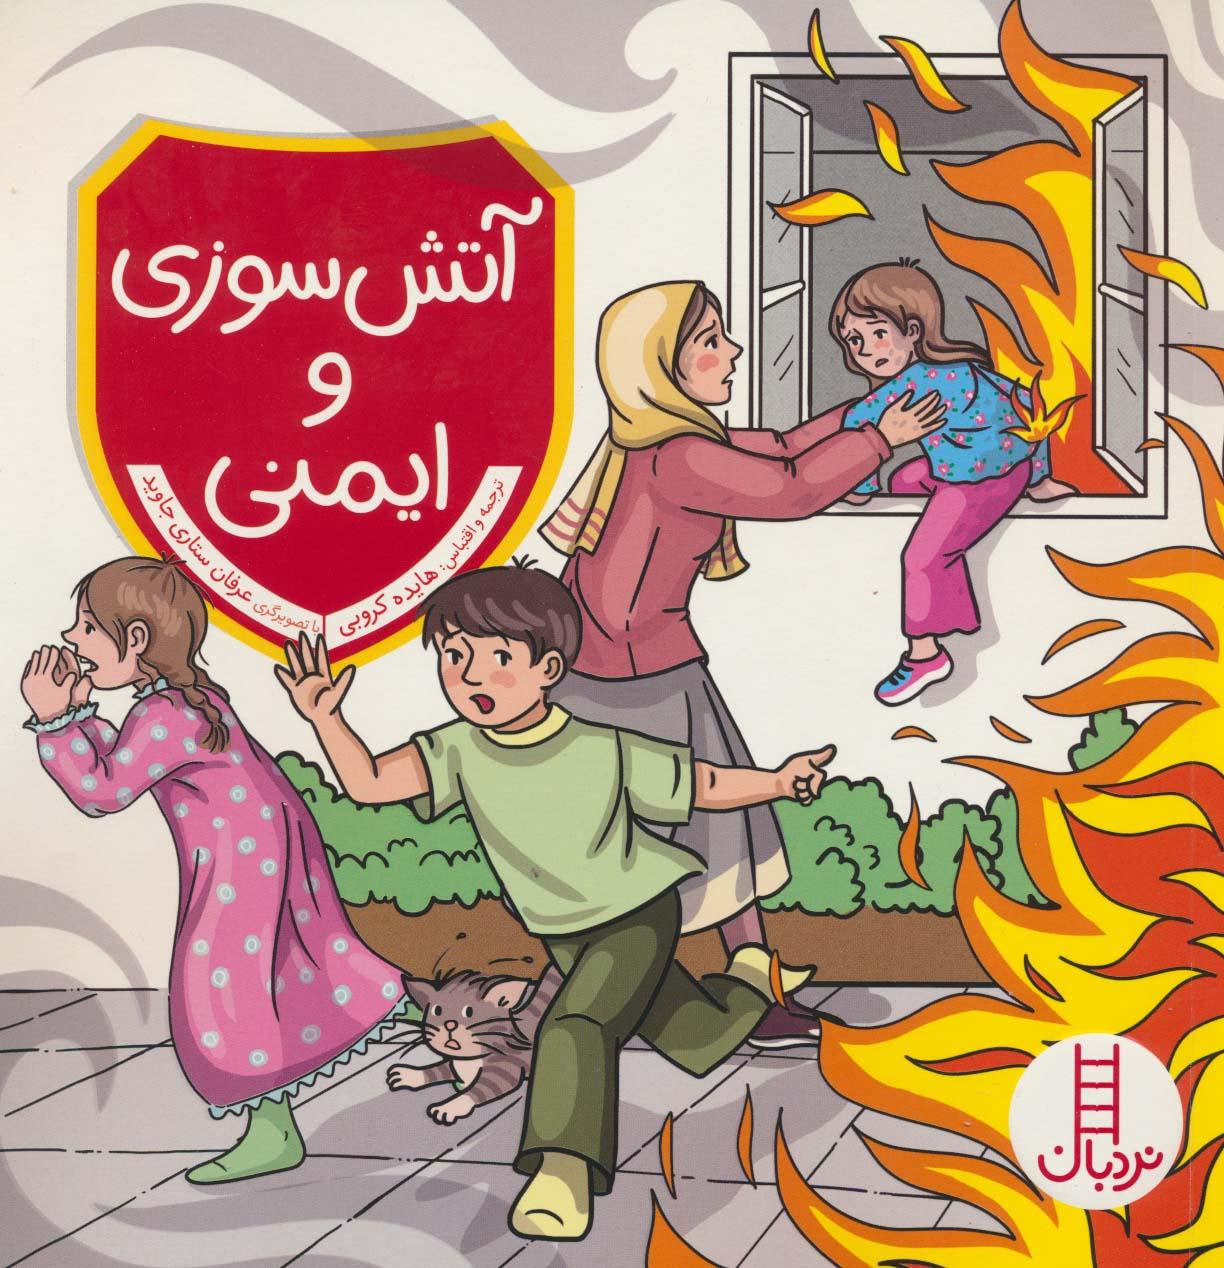 آتش سوزی و ایمنی (کتاب های سفید)